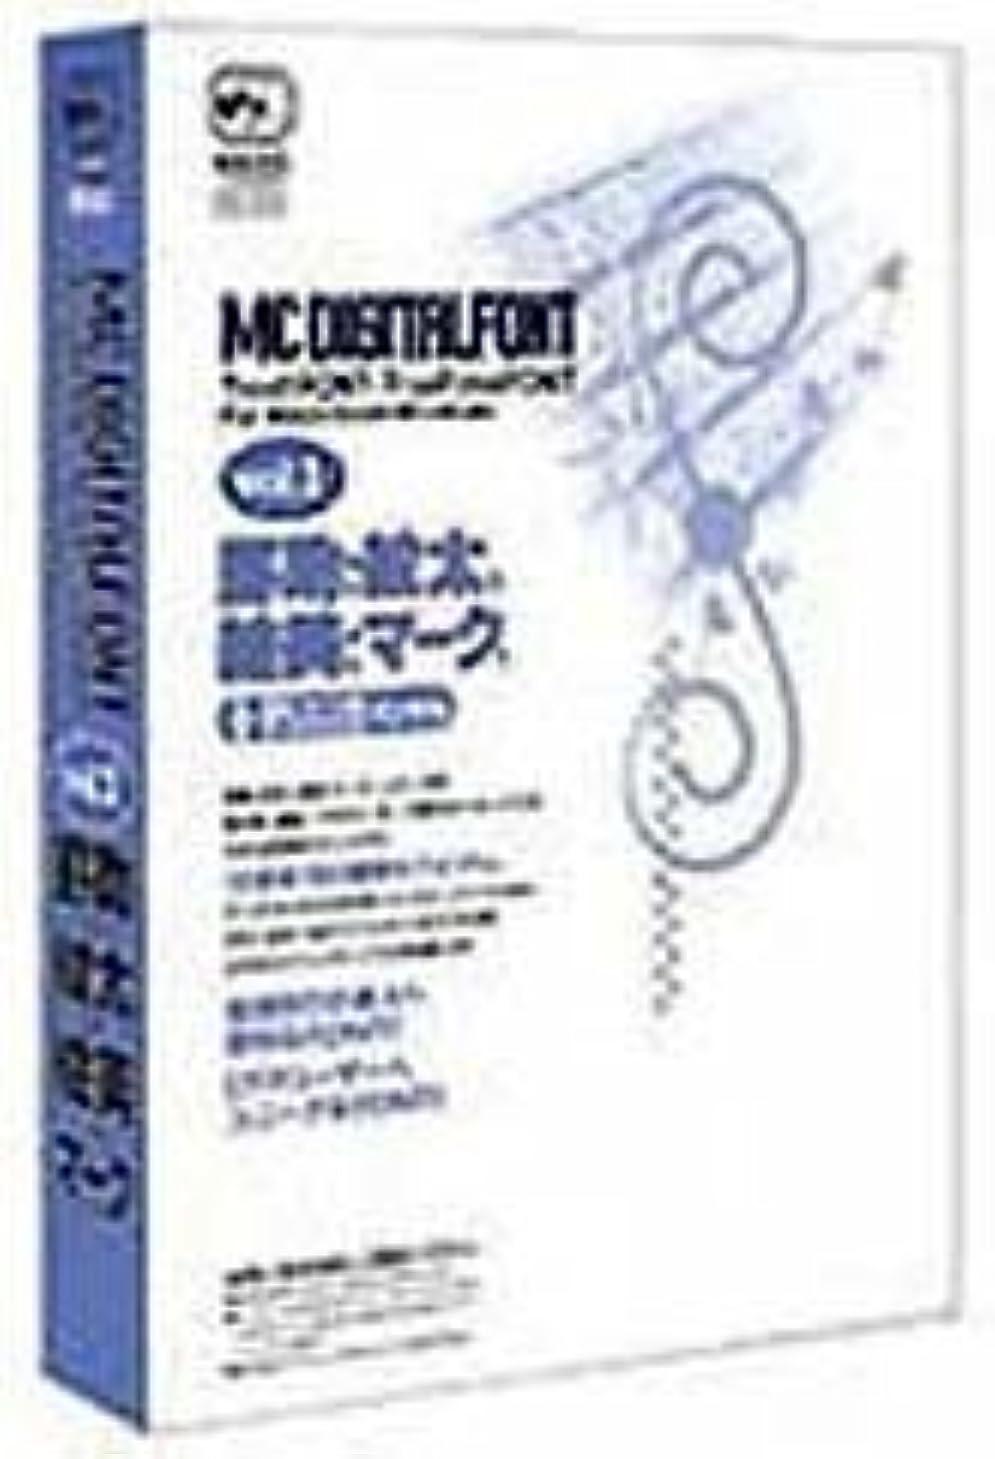 MC DIGITALFONT vol.1 罫助1、紋太1、絵美1、マーク1